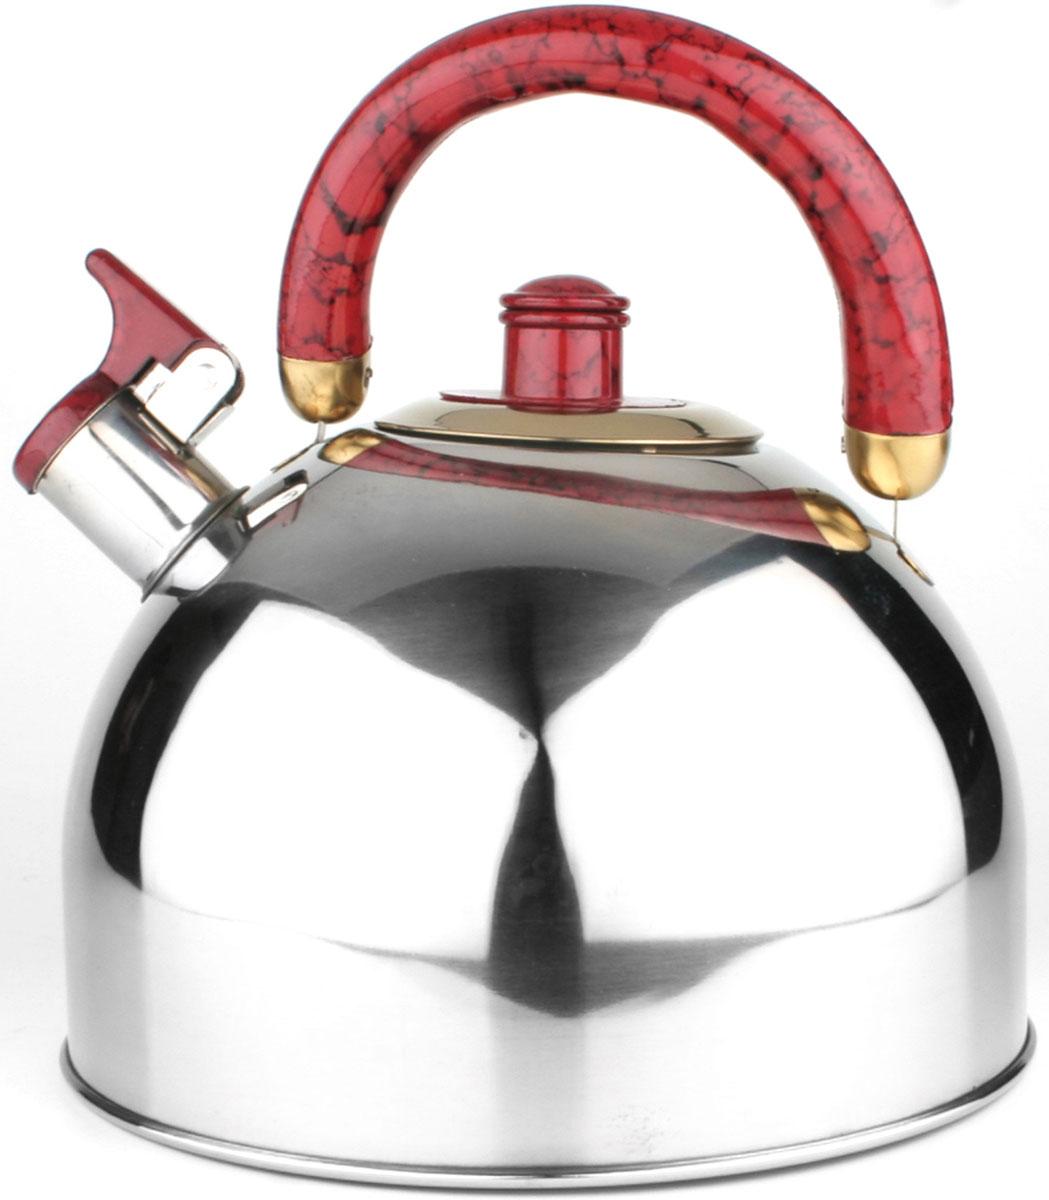 20440 Чайник нерж/сталь(5,5л) MB цветн/руч (х12)20440Чайник со свистком металлический (5,5 л)Материал: нержавеющая сталь, бакелит, литое дноРазмер упаковки: 22х20х22 смОбъем: 5,5 лВес: Чайник выполнен из высококачественной нержавеющей стали 18/10. Капсулированное дно с прослойкой из алюминия обеспечивает наилучшее распределение тепла. Носик чайника оснащен насадкой-свистком, что позволит вам контролировать процесс подогрева или кипячения воды. Пластиковая ручка зафиксирована, это дает дополнительное удобство при разлитии напитка, поверхность чайника гладкая, что облегчает уход, а блекс придает чайнику шикарный внешний вид. Чайник подходит для использования на всех типах плит. Эстетичный и функциональный, с эксклюзивным дизайном, чайник будет оригинально смотреться в любом интерьере. Также изделие можно мыть в посудомоечной машине.